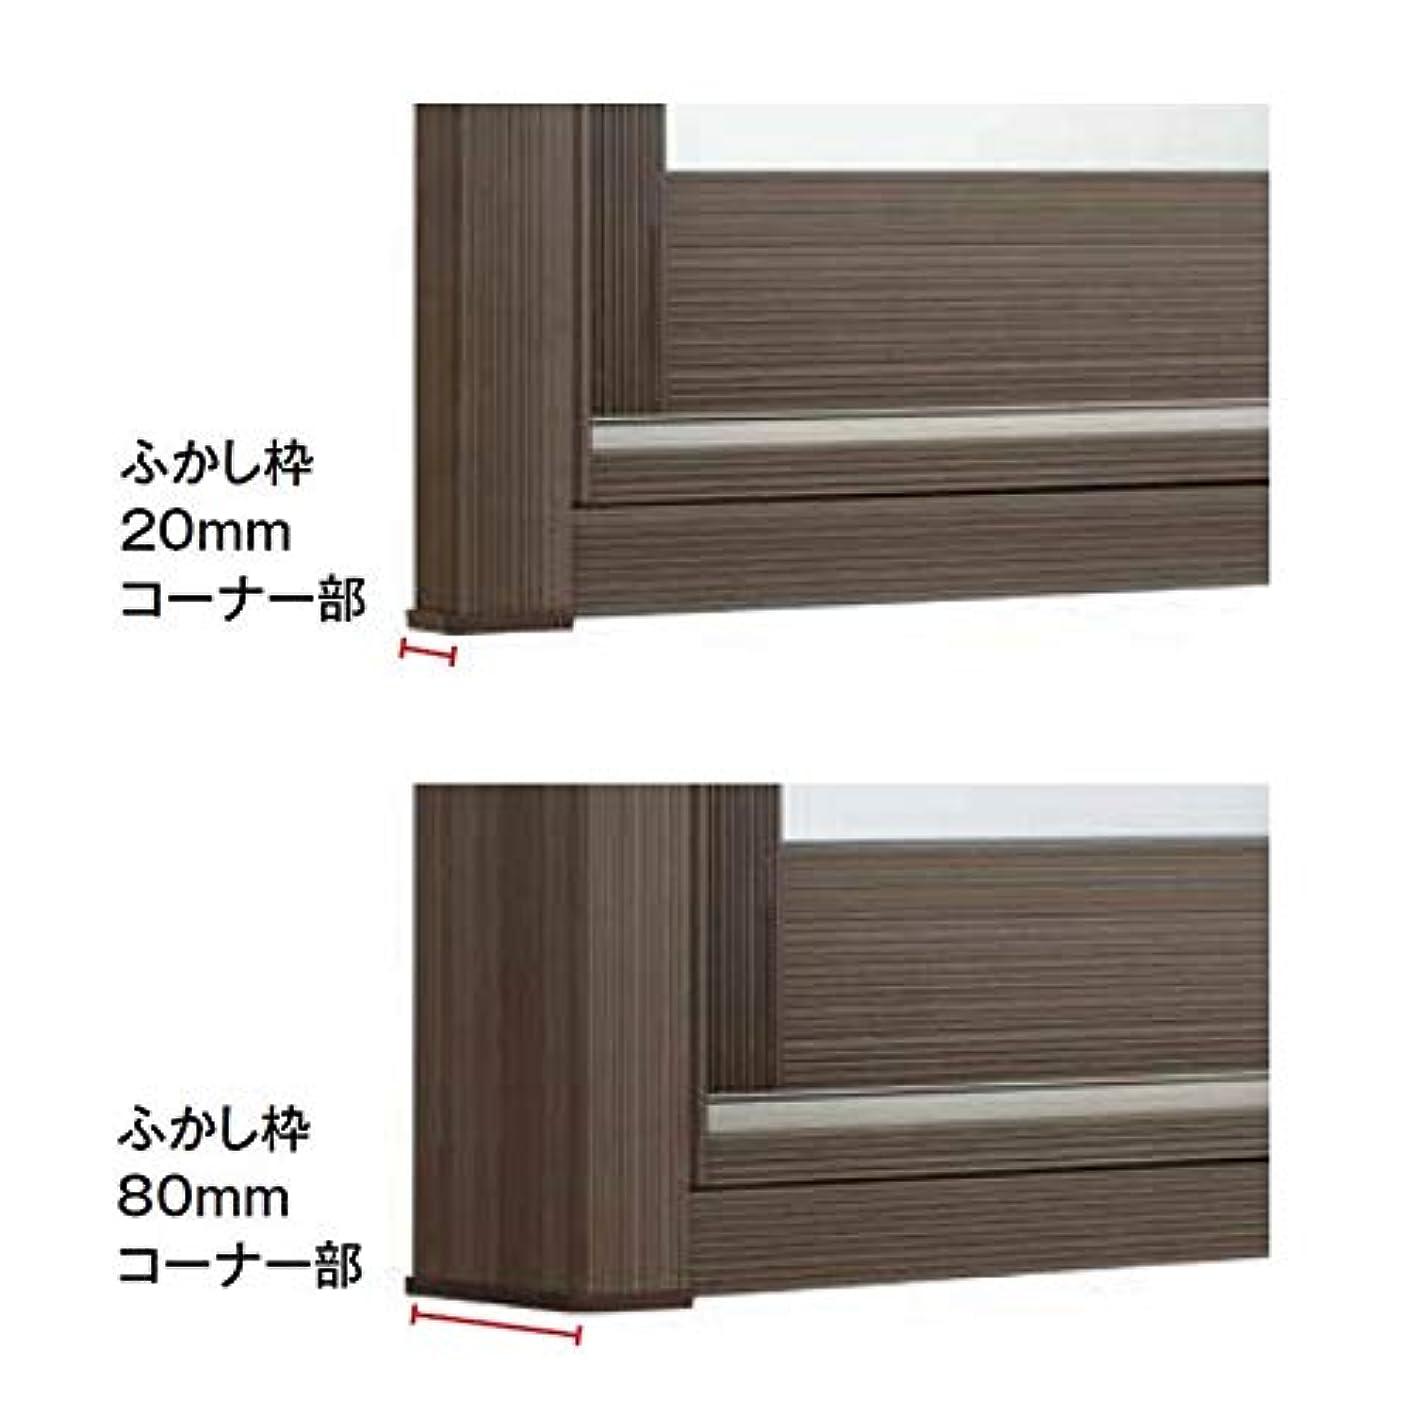 全滅させる比率延ばすふかし枠 出幅:80mm 4方枠 カーテンレール対応:あり W:1,001~1,500mm × H:1,401~1,900mm 製品色:クリエダークR(J) インプラスウッド 内窓 オプション LIXIL リクシル TOSTEM トステム